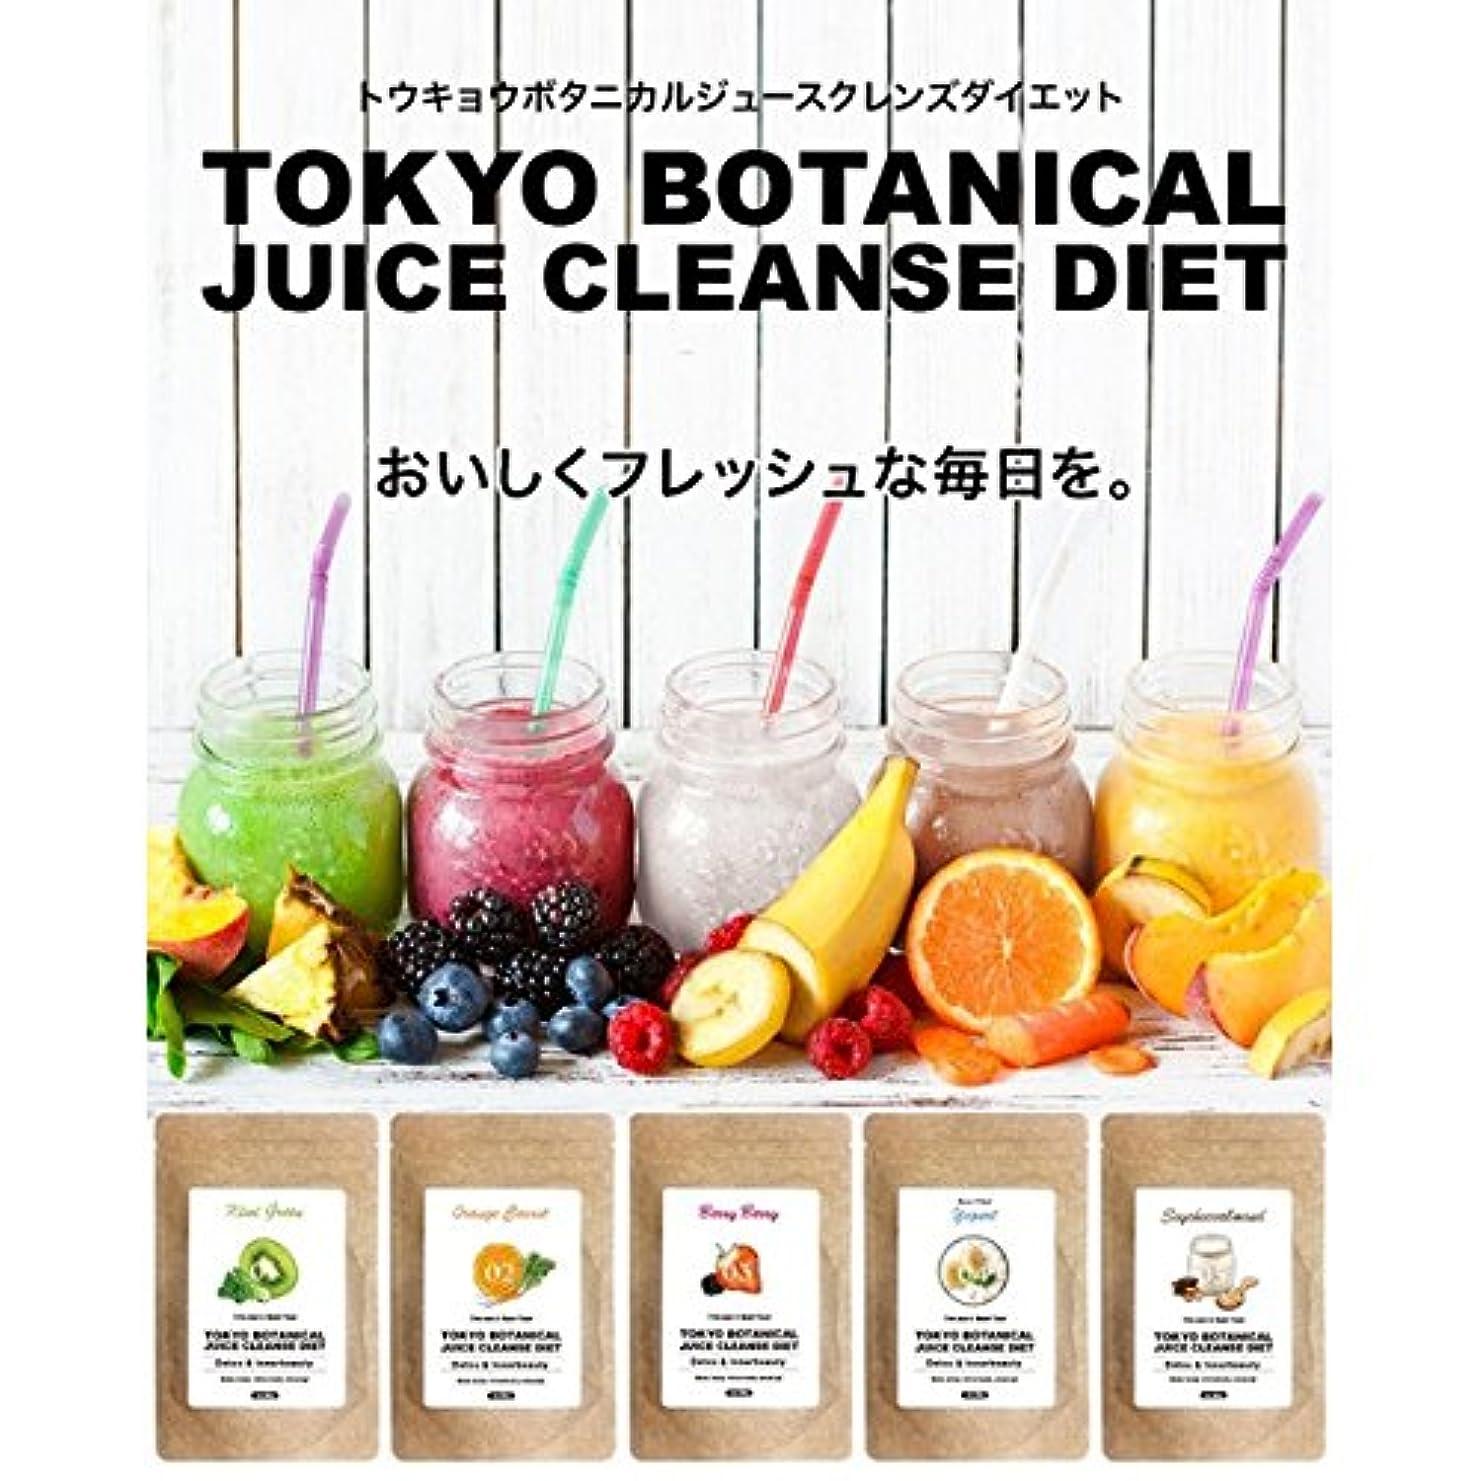 累積寄り添う切手東京ボタニカルジュースクレンズダイエット  ベリーベリー&オレンジキャロットセット